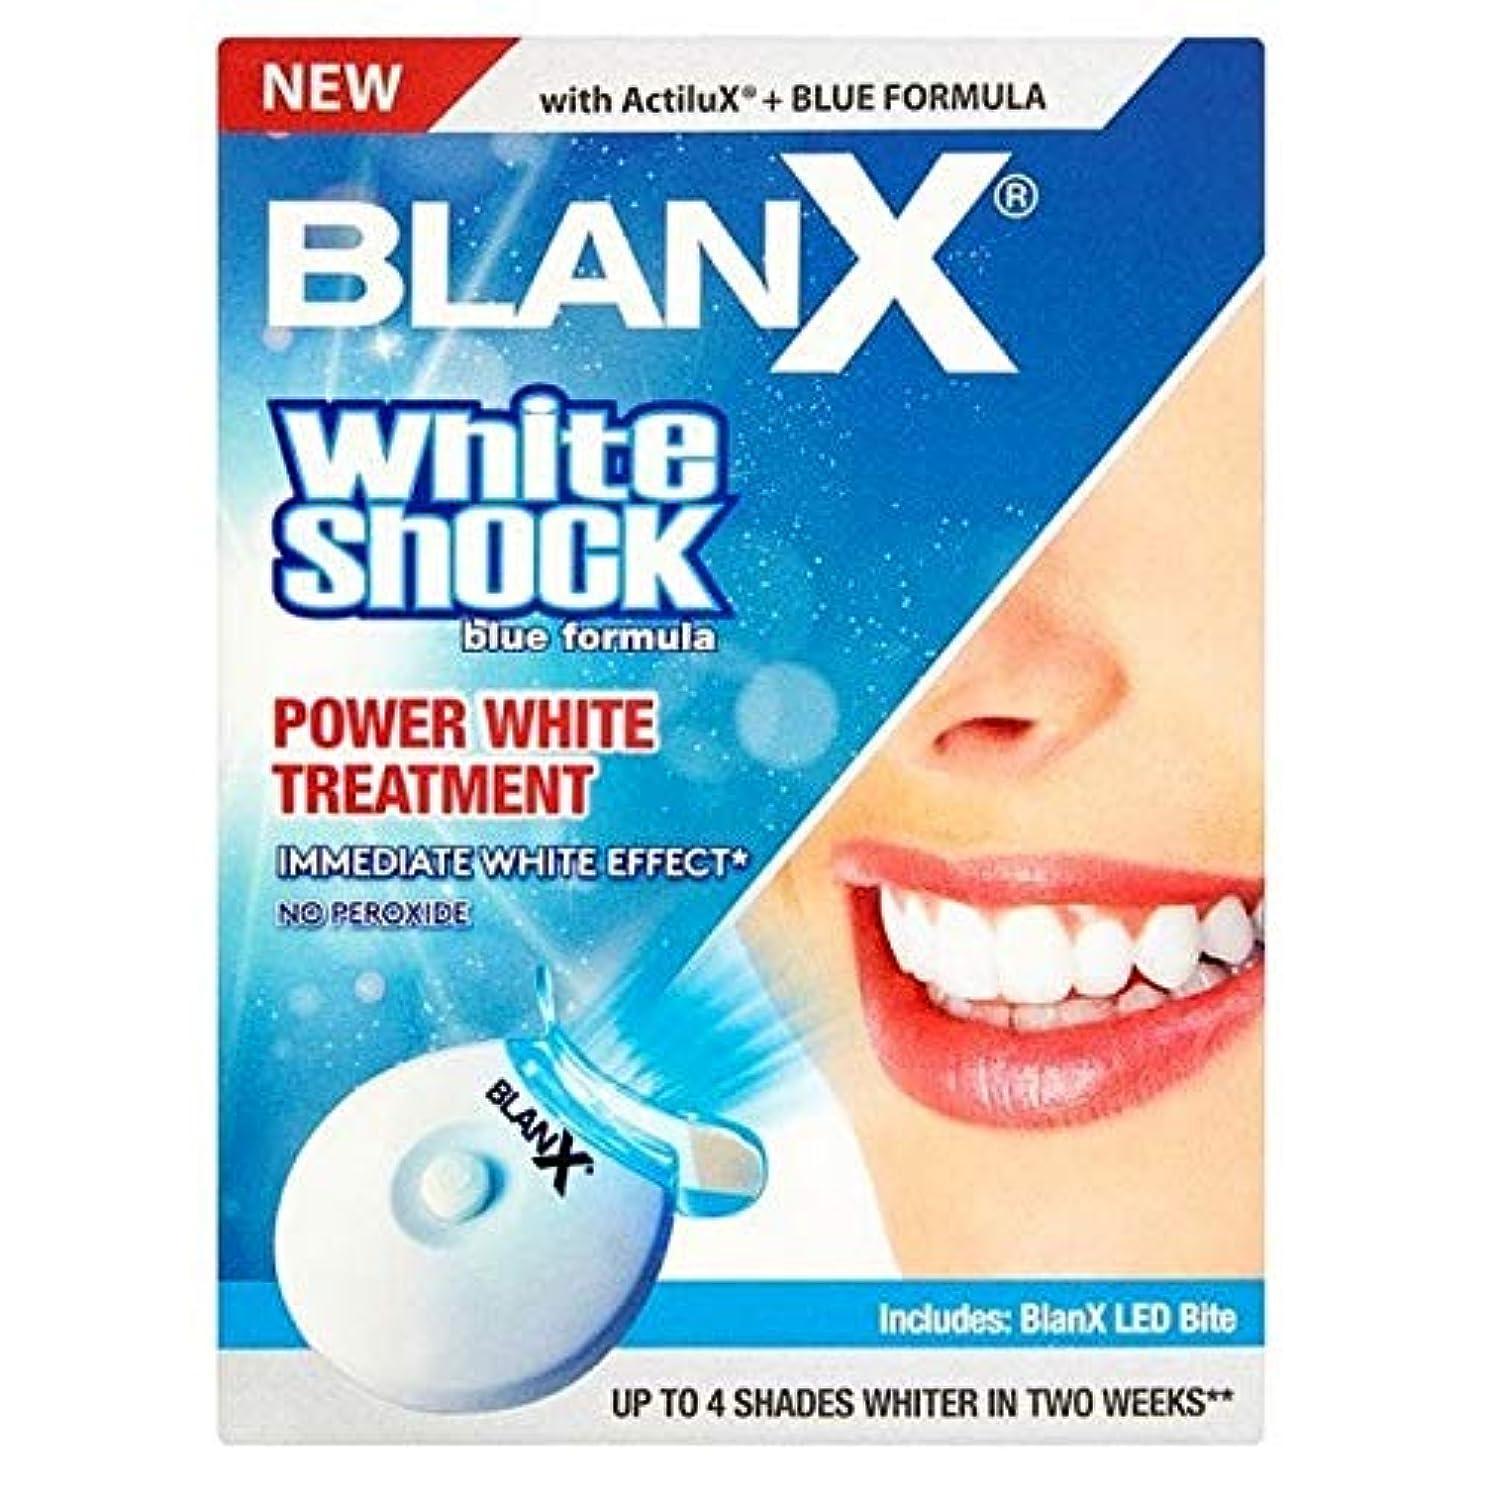 トリクル最後の鋸歯状[Blanx] Blanx白ショック処理50ミリリットル - BlanX White Shock Treatment 50ml [並行輸入品]